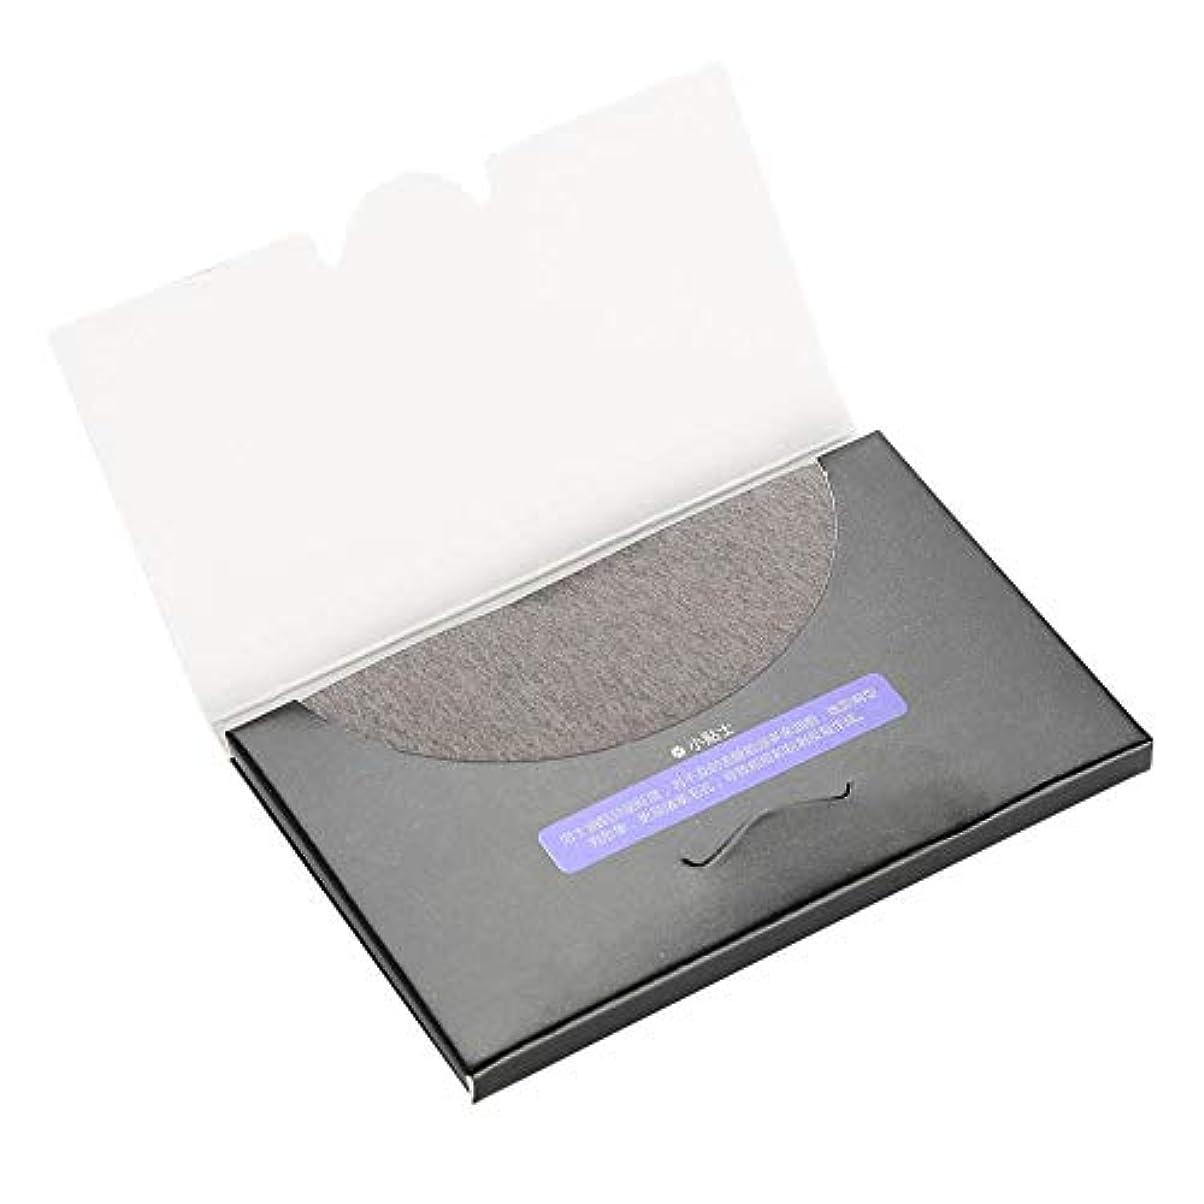 鎮静剤東ティモール出力80枚/袋吸油布 - 化粧フィルムのクリーニング、吸い取り紙の消去 - きれいな吸い取り紙